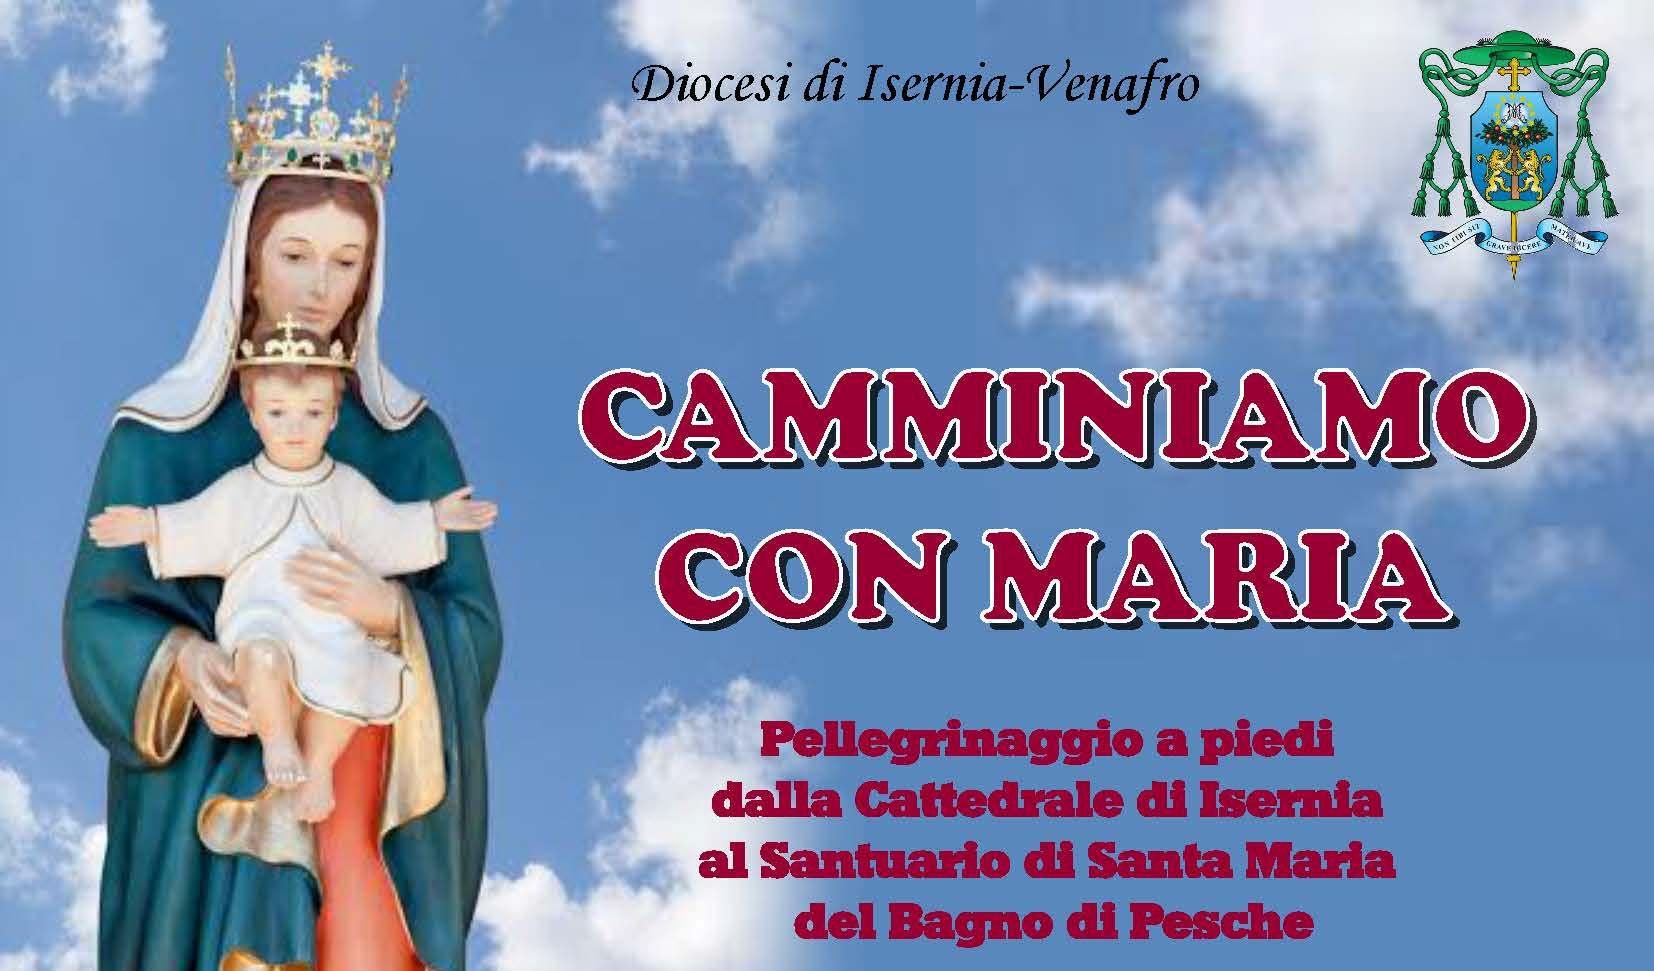 Santa Maria Del Bagno Pesche.Domani Sera Il Pellegrinaggio Isernia Pesche Primopiano Molise